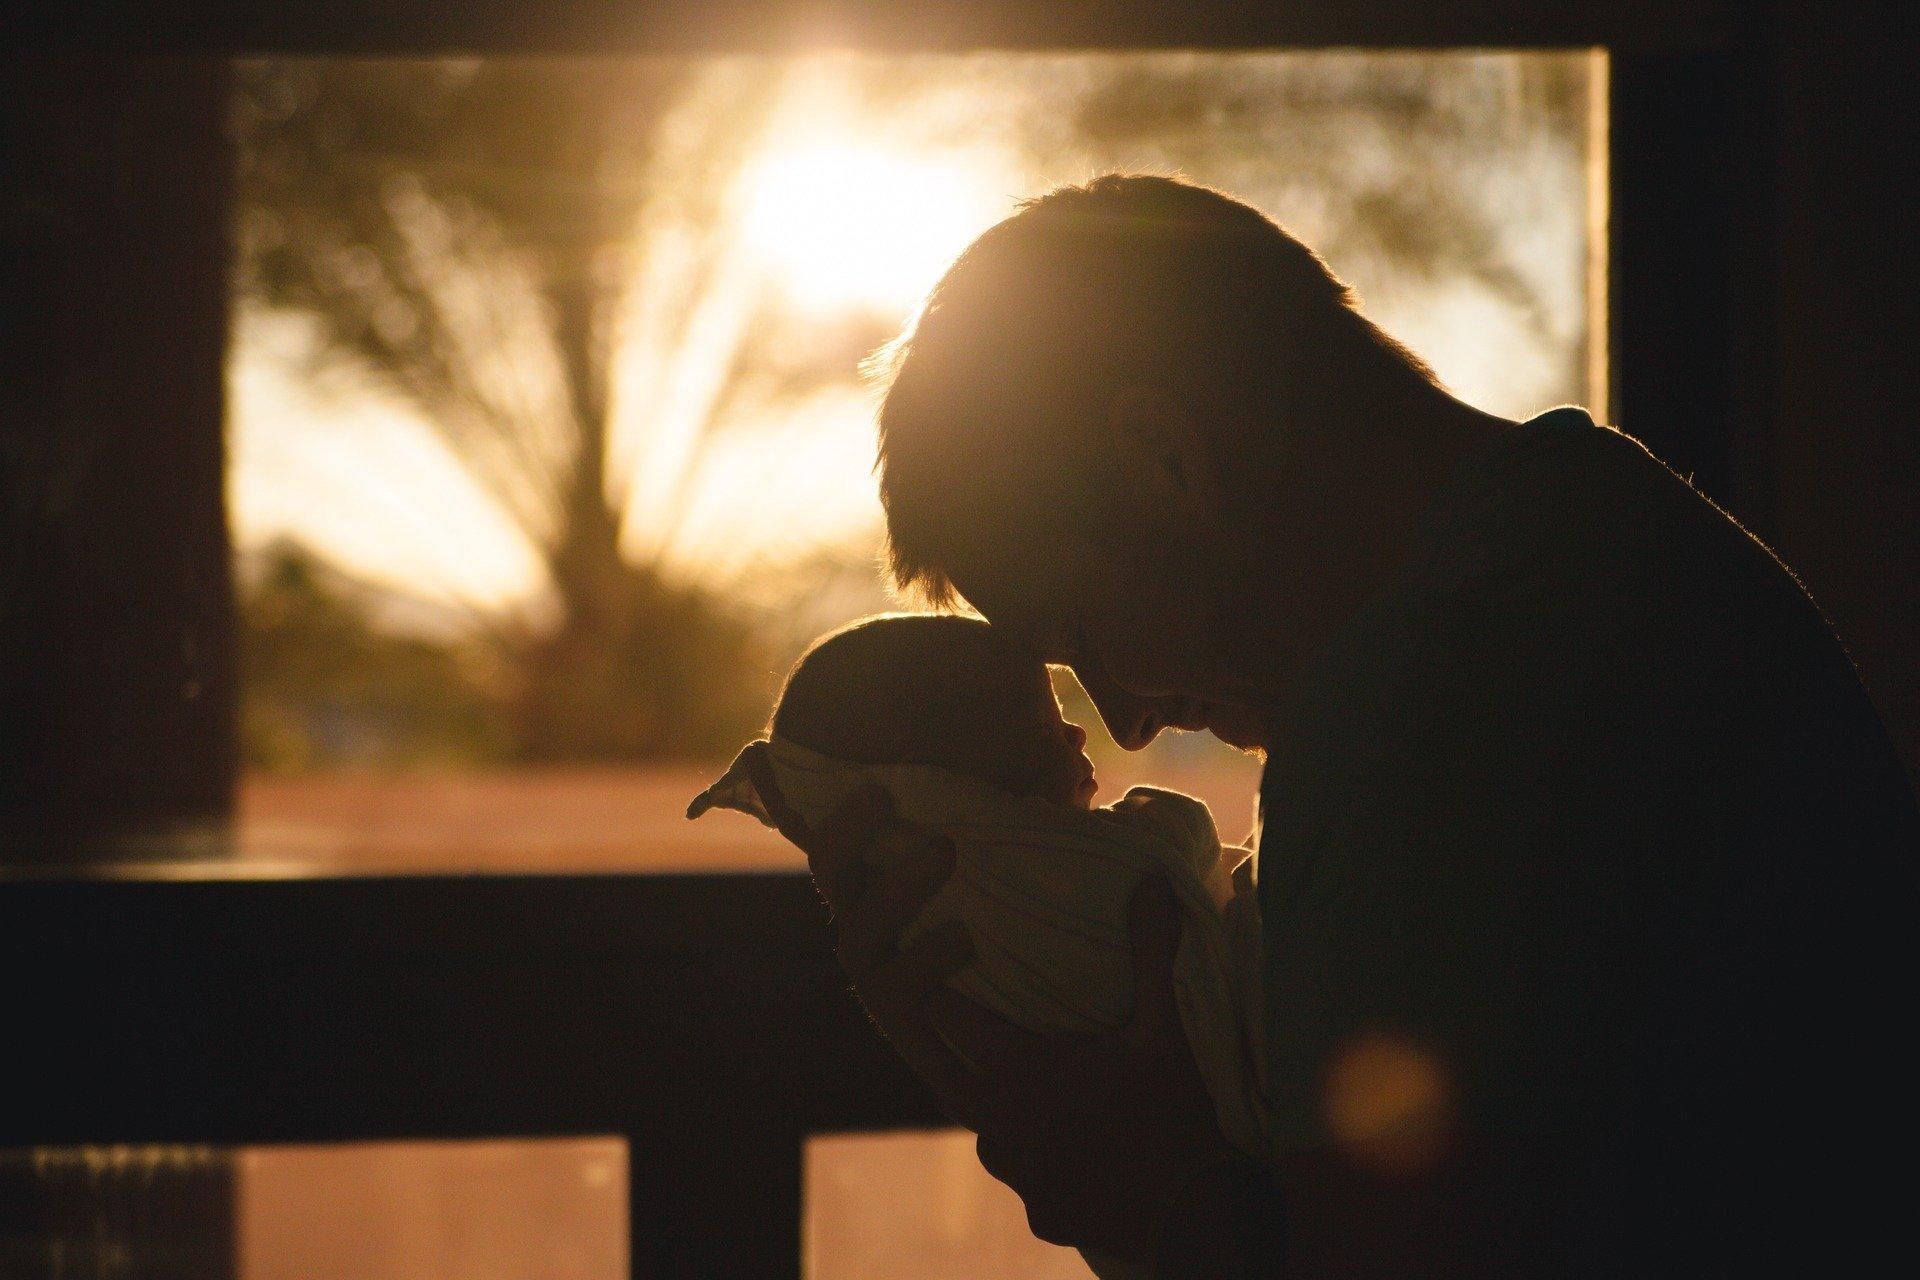 صورة في غروب الشمس لوالد يحتضن طفله بين ذراعيه